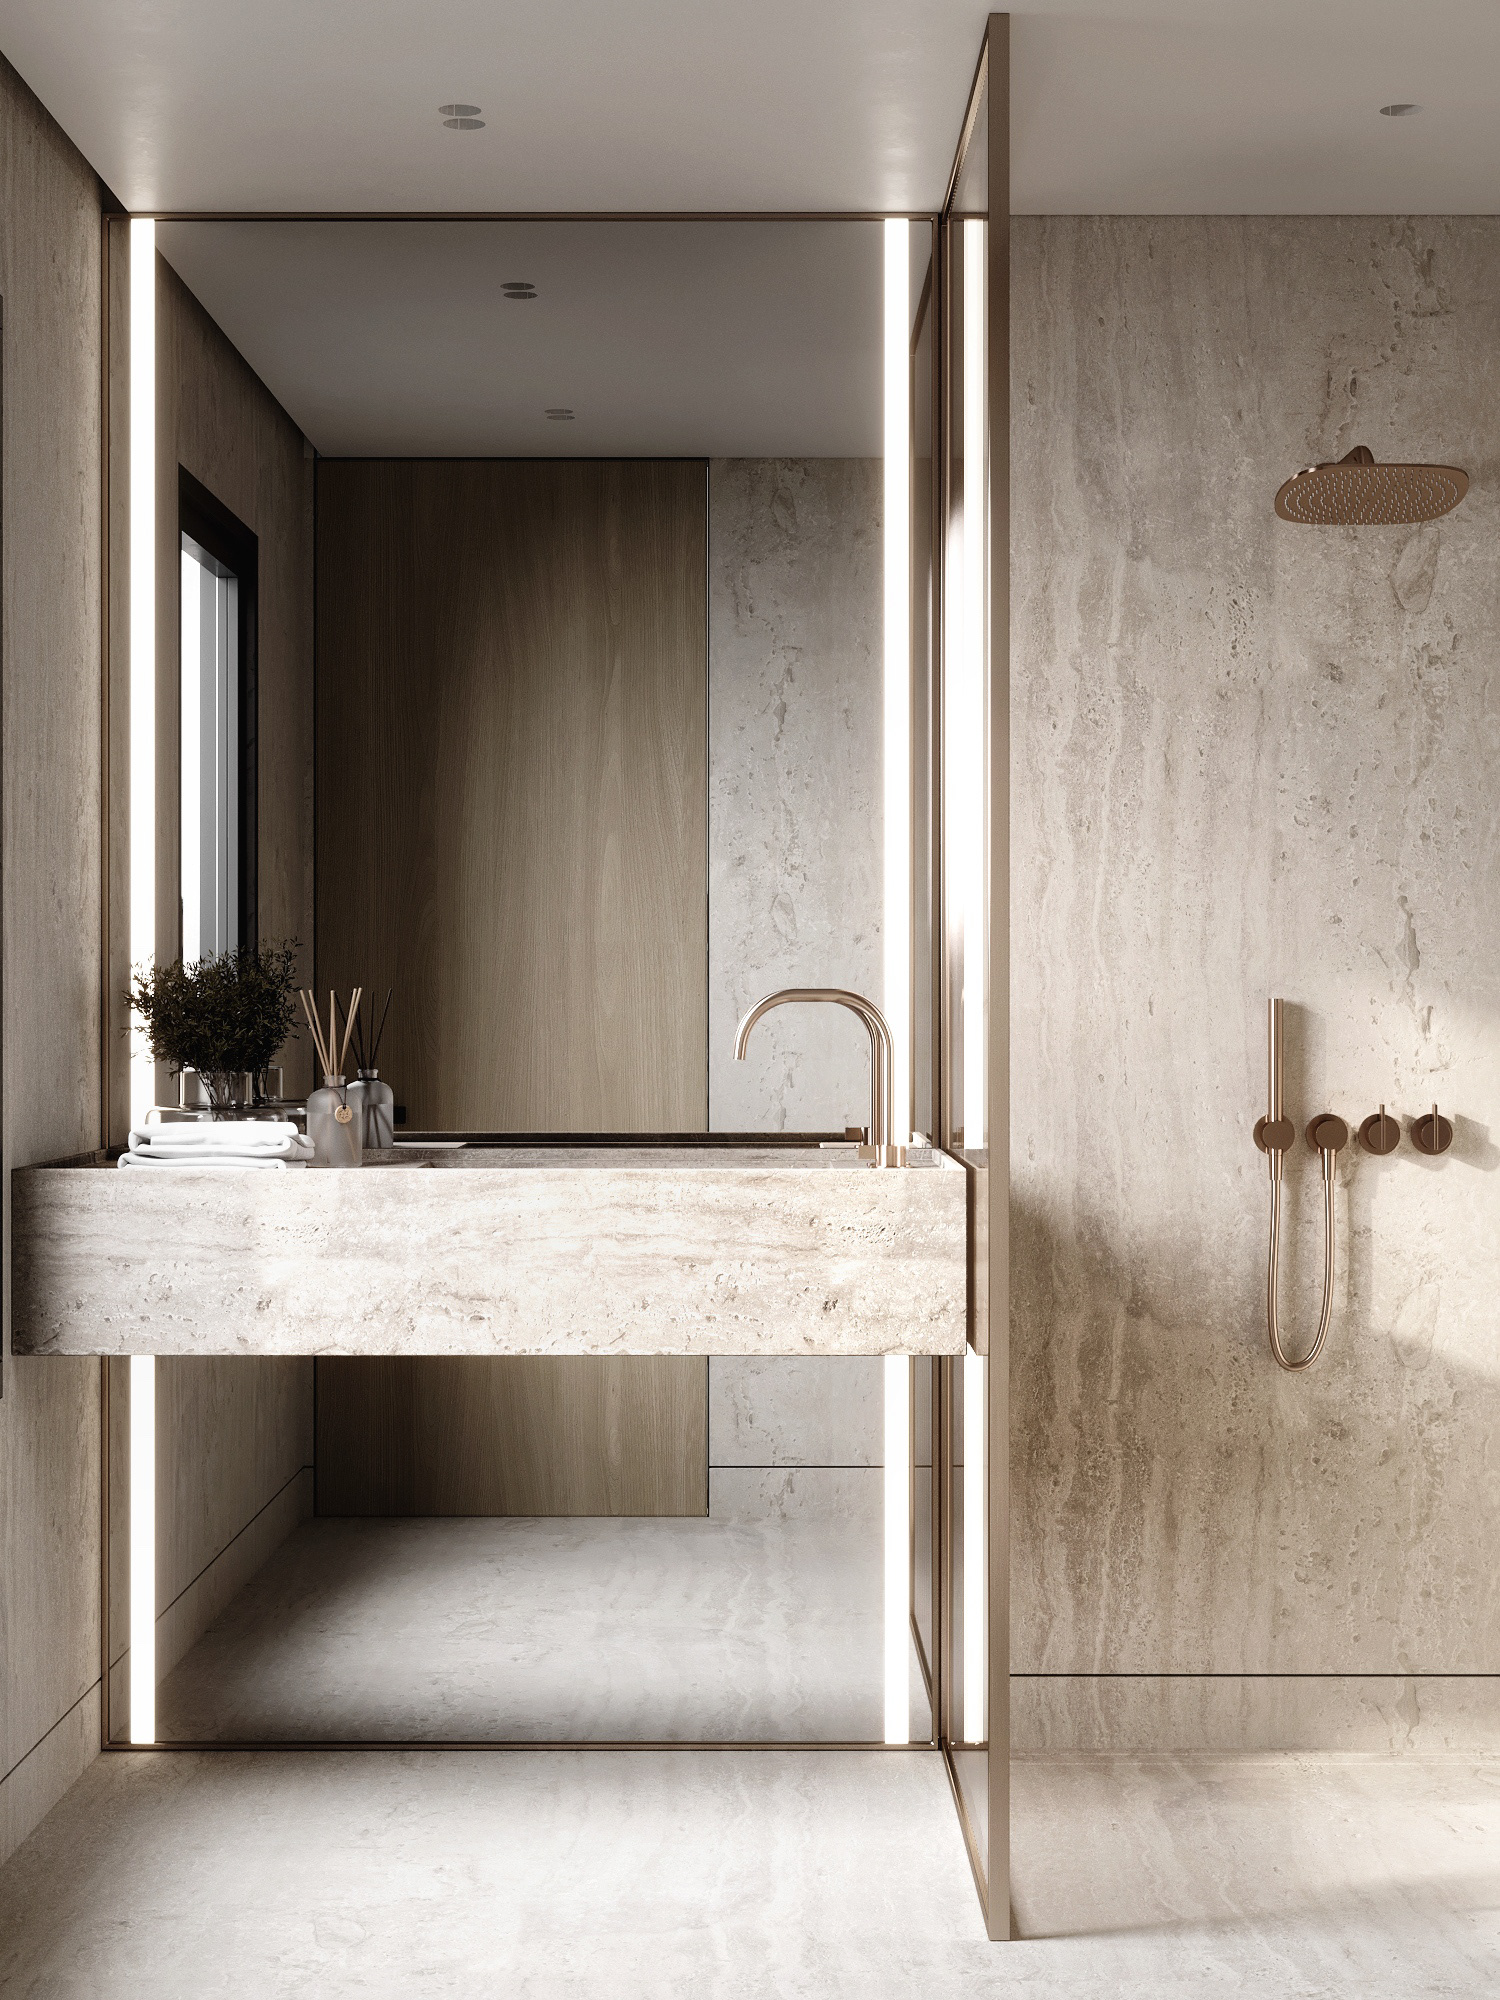 Tư vấn thiết kế nhà cấp 4 diện tích 60m² theo phong cách tối giản chi phí chỉ 150 triệu - Ảnh 10.